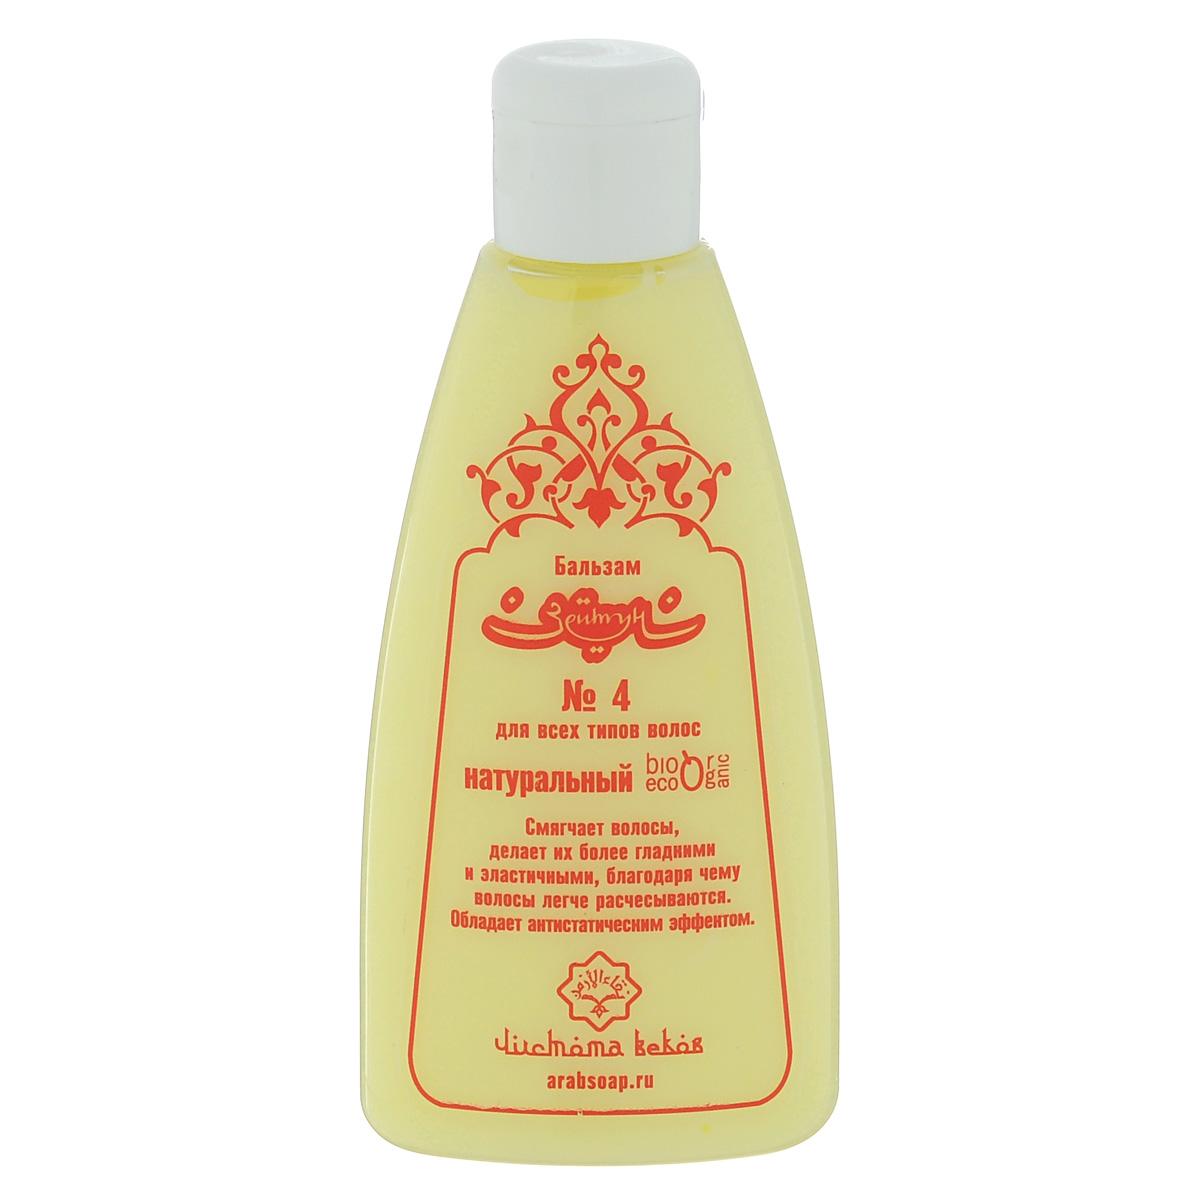 Зейтун Бальзам для волос №4, 150 млZ0504Смягчает волосы, делает их более гладкими и эластичными, благодаря использованию этого бальзама волосы легче расчесываются. Обладает антистатическим эффектом.